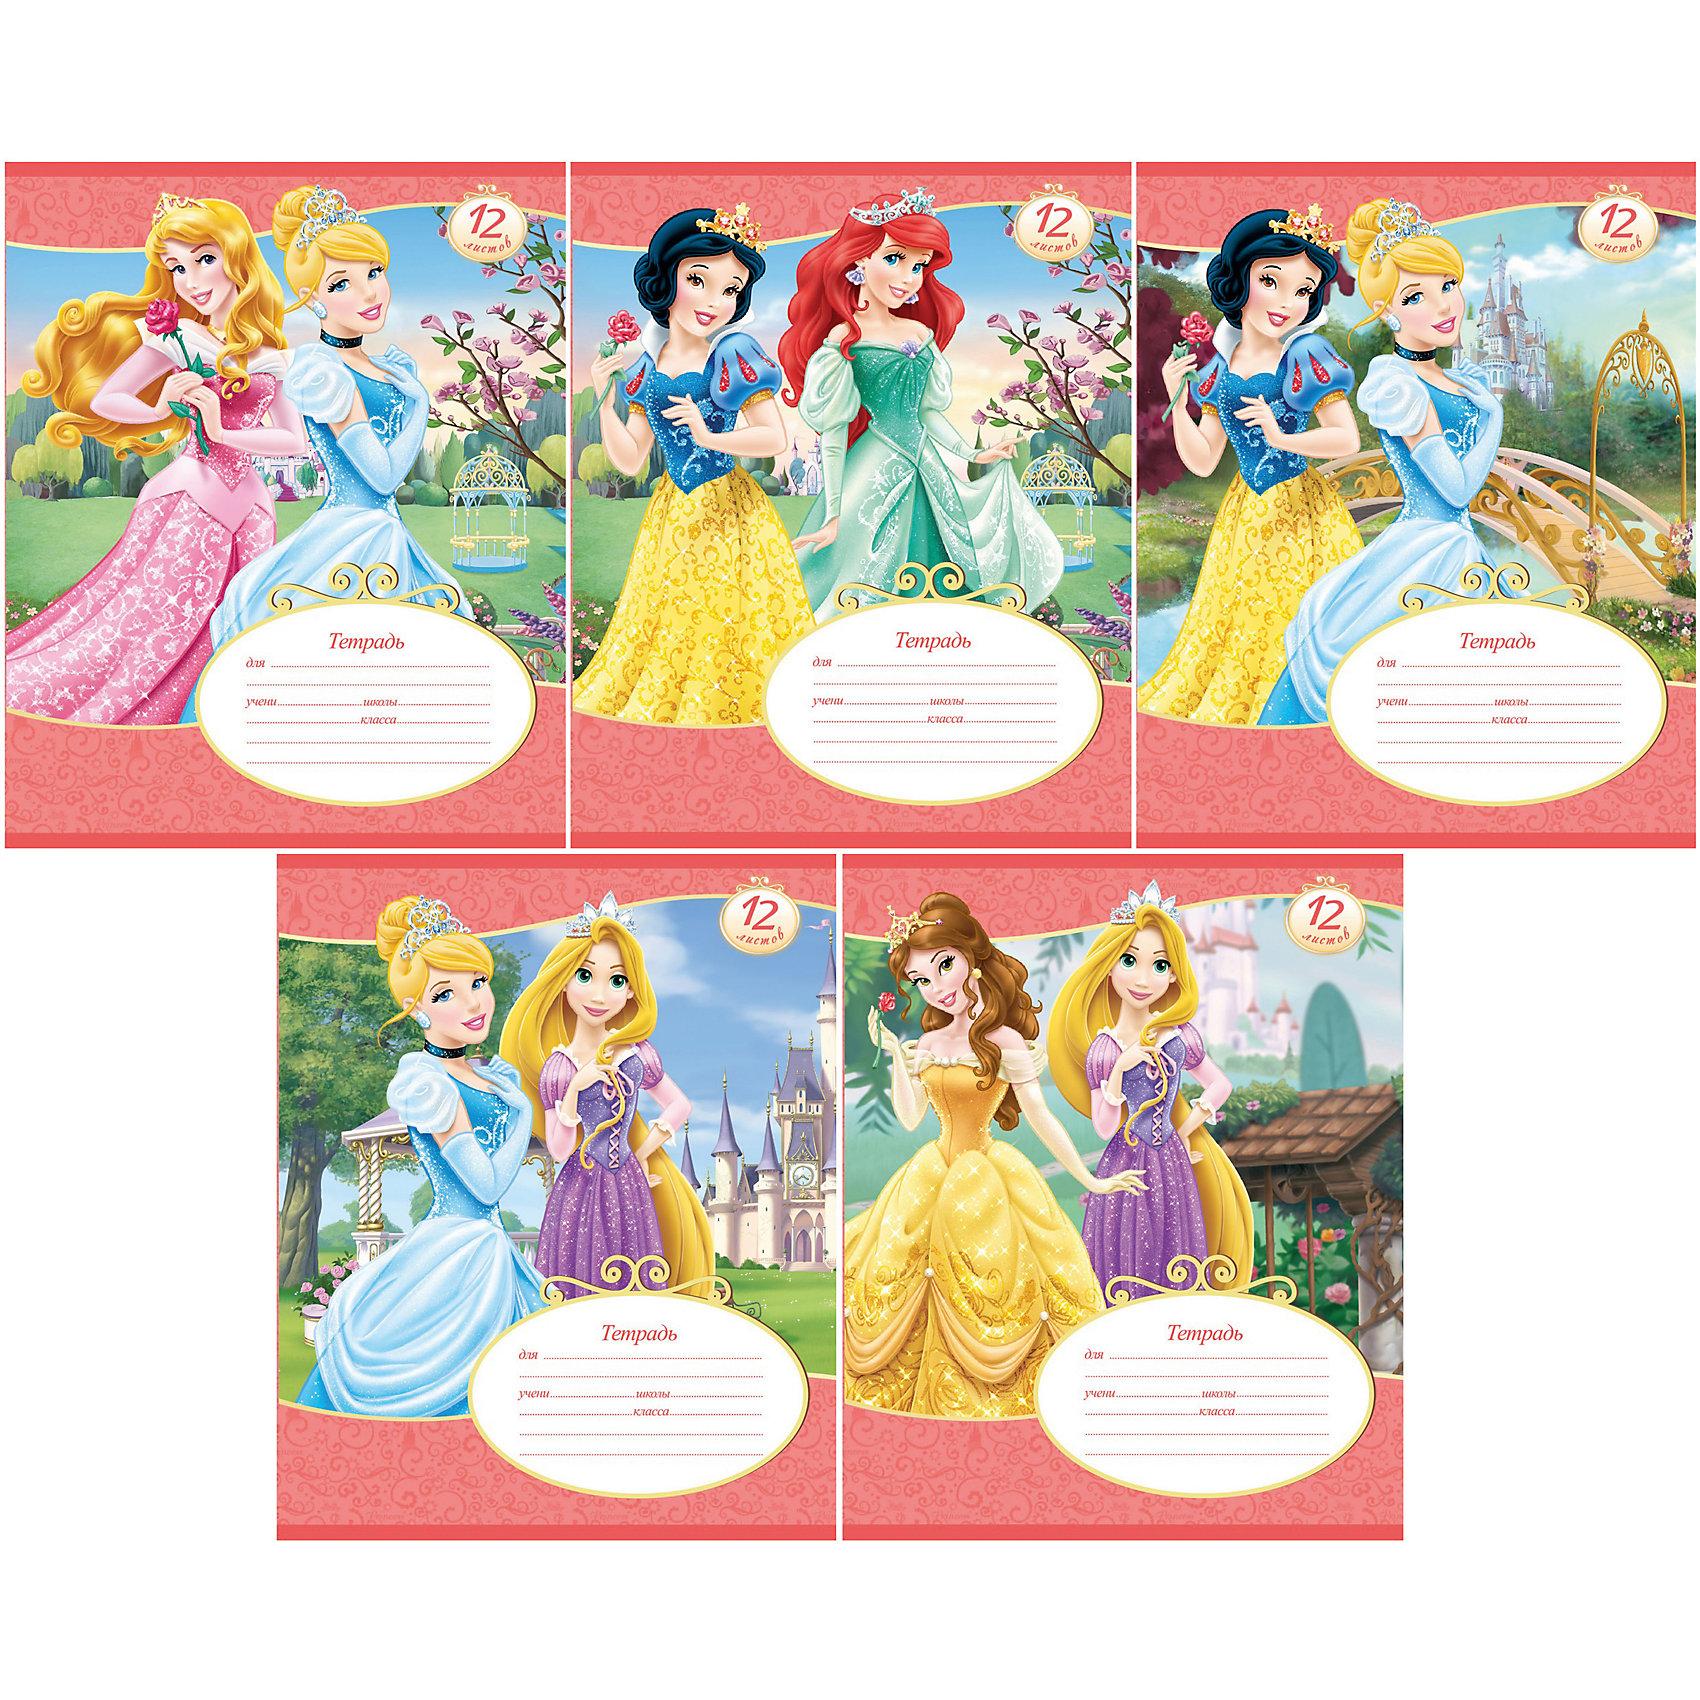 Тетради 12 л. в линейку «Disney Принцессы», 20 шт.Принцессы Дисней<br>Эффектные тетради в линейку Принцессы Disney с изображением любимой героини на обложке придутся по душе юной школьнице. Качественная бумага высокой плотности не порвется от излишнего усердия во время урока, а разлинованные поля соответствуют всем рекомендованным нормативам. Отличный вариант для будущих пятерок!<br><br>Дополнительная информация:<br>- тетрадь в линейку с разлинованными полями<br>- формат А5<br>- 12 листов<br>- обложка: мелованный картон, покрытый глянцевым лаком<br>- закругленные углы<br>- крепление: скрепка<br>- в ассортименте 5 дизайнов<br>- рекомендовано для детей от 5 до 12 лет<br>- вес: 40 гр. <br><br>Тетради в линейку Принцессы Disney, 12 л. можно купить в нашем магазине<br><br>Ширина мм: 200<br>Глубина мм: 165<br>Высота мм: 2<br>Вес г: 40<br>Возраст от месяцев: 36<br>Возраст до месяцев: 2147483647<br>Пол: Женский<br>Возраст: Детский<br>SKU: 4754896